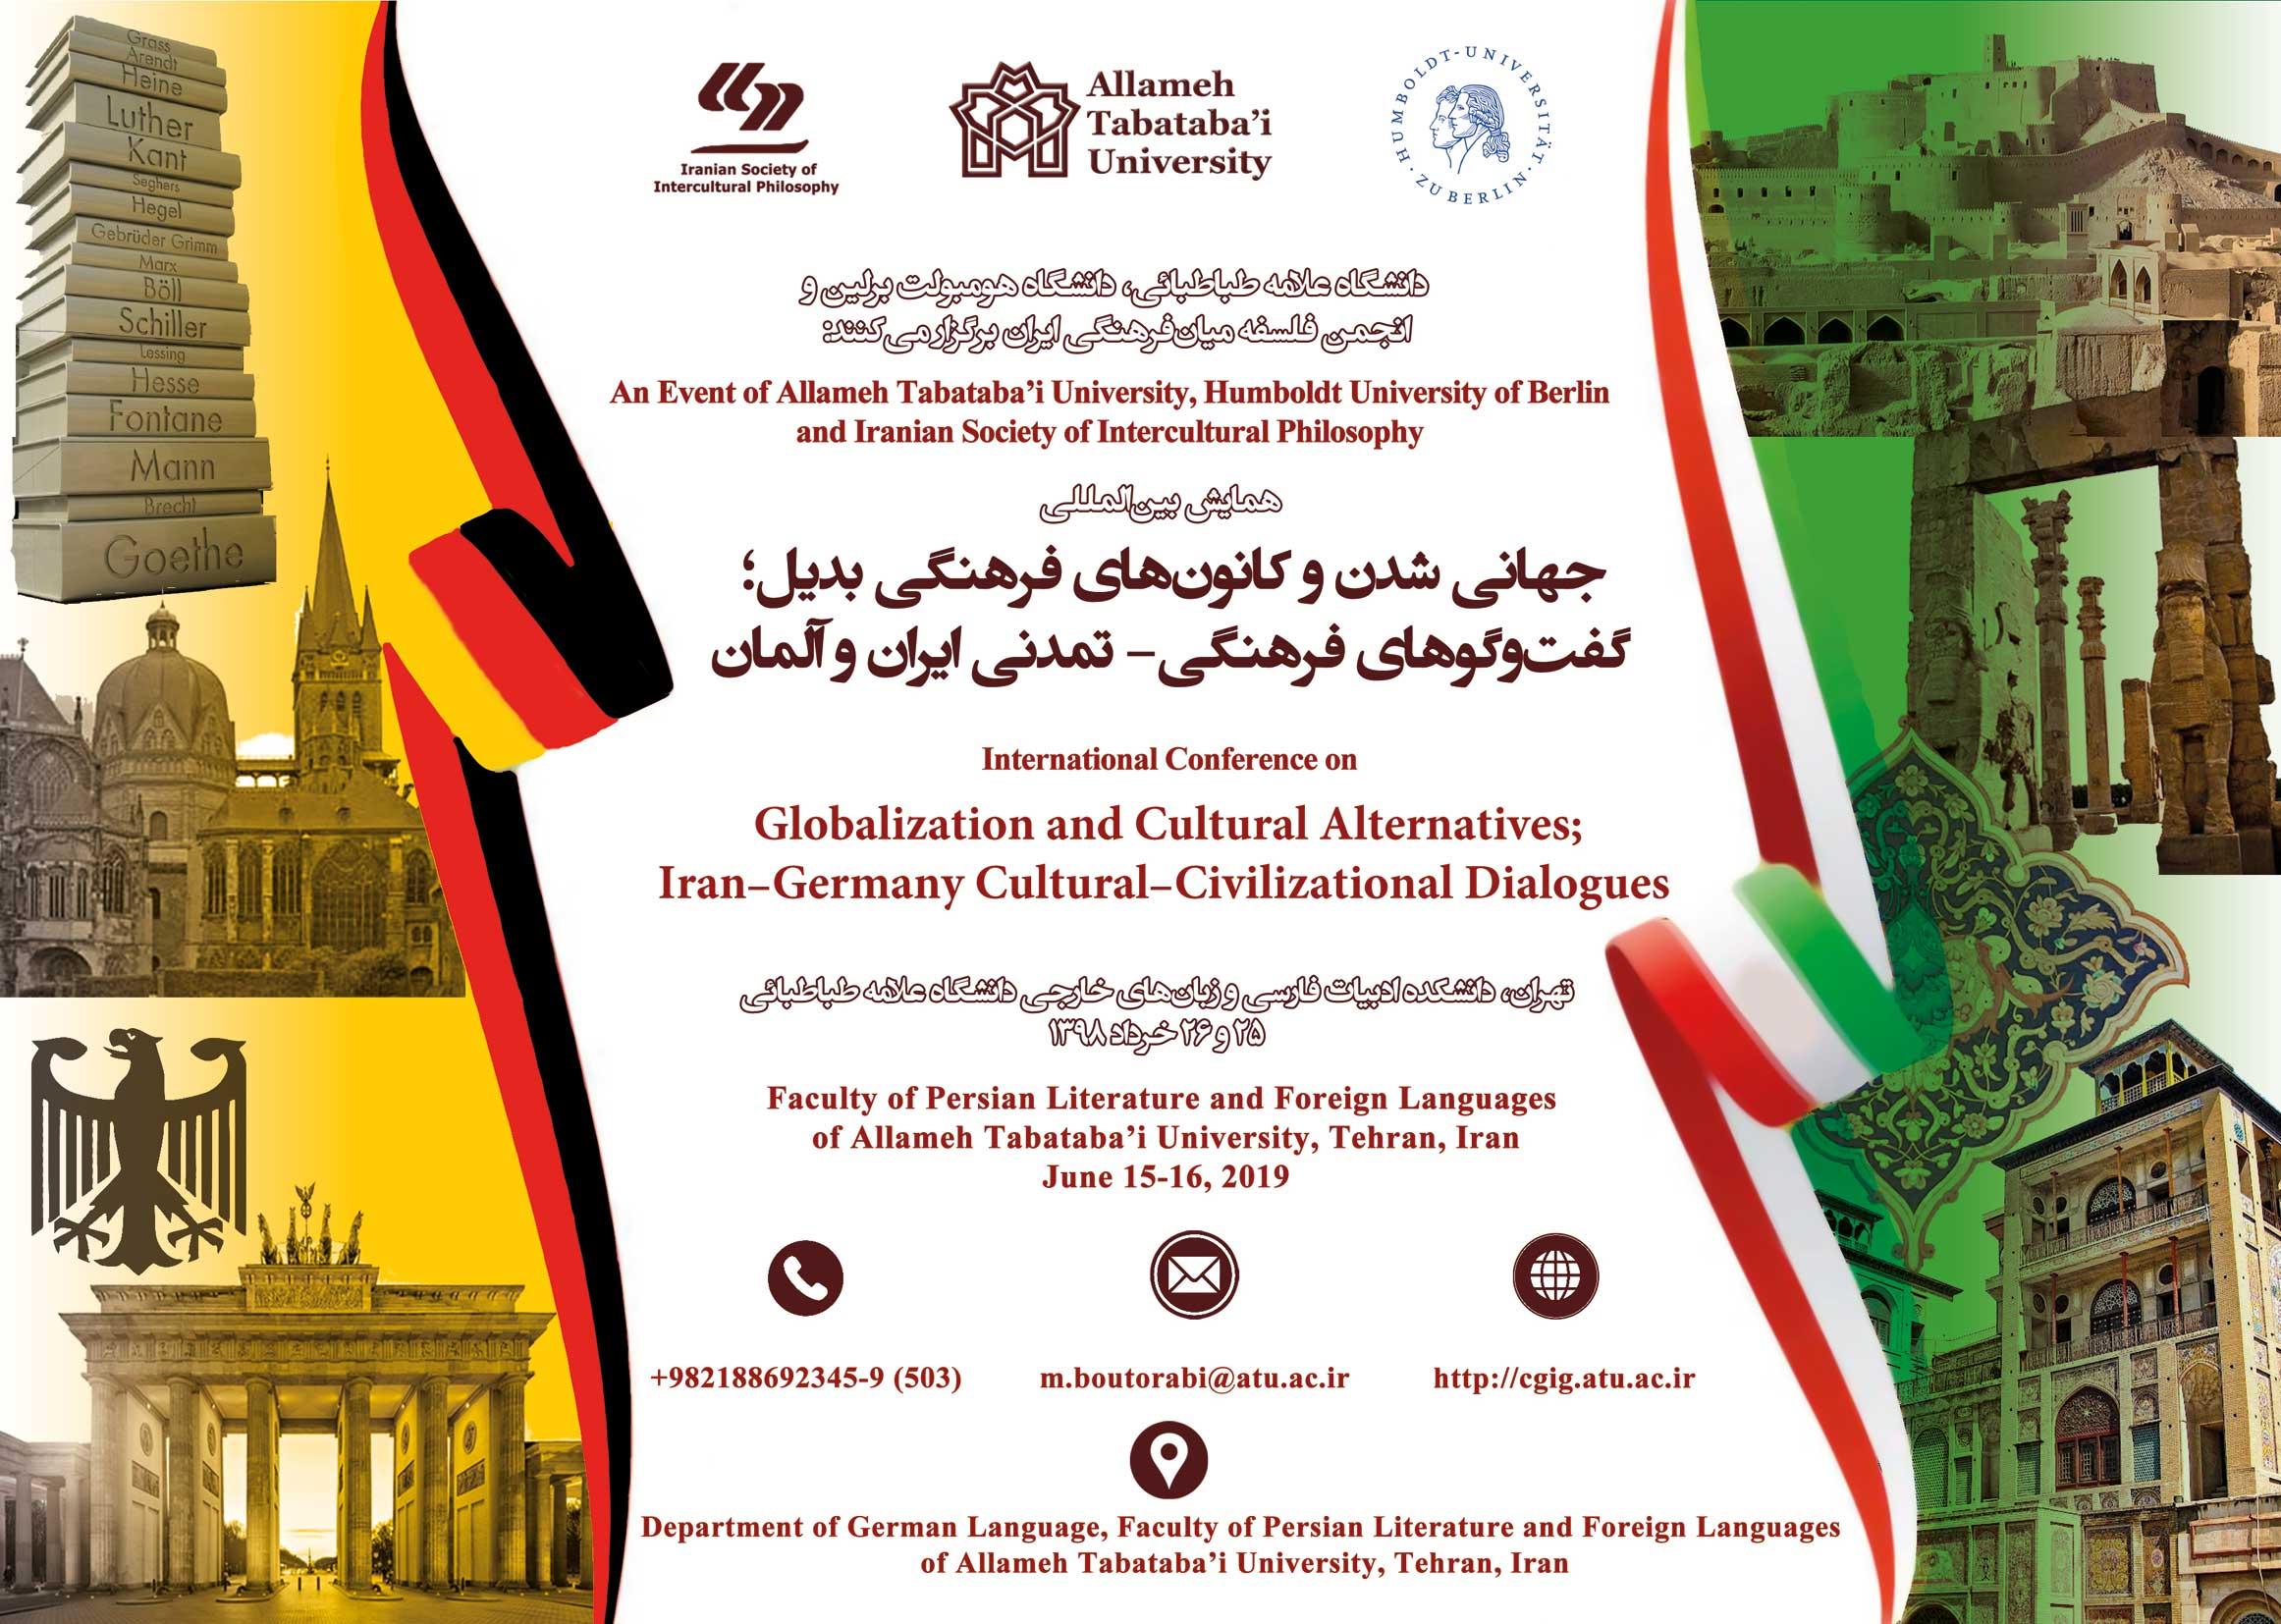 گفتوگوهای فرهنگی-تمدنی ایران و آلمان؛ جهانیشدن و کانونهای فرهنگی بدیل